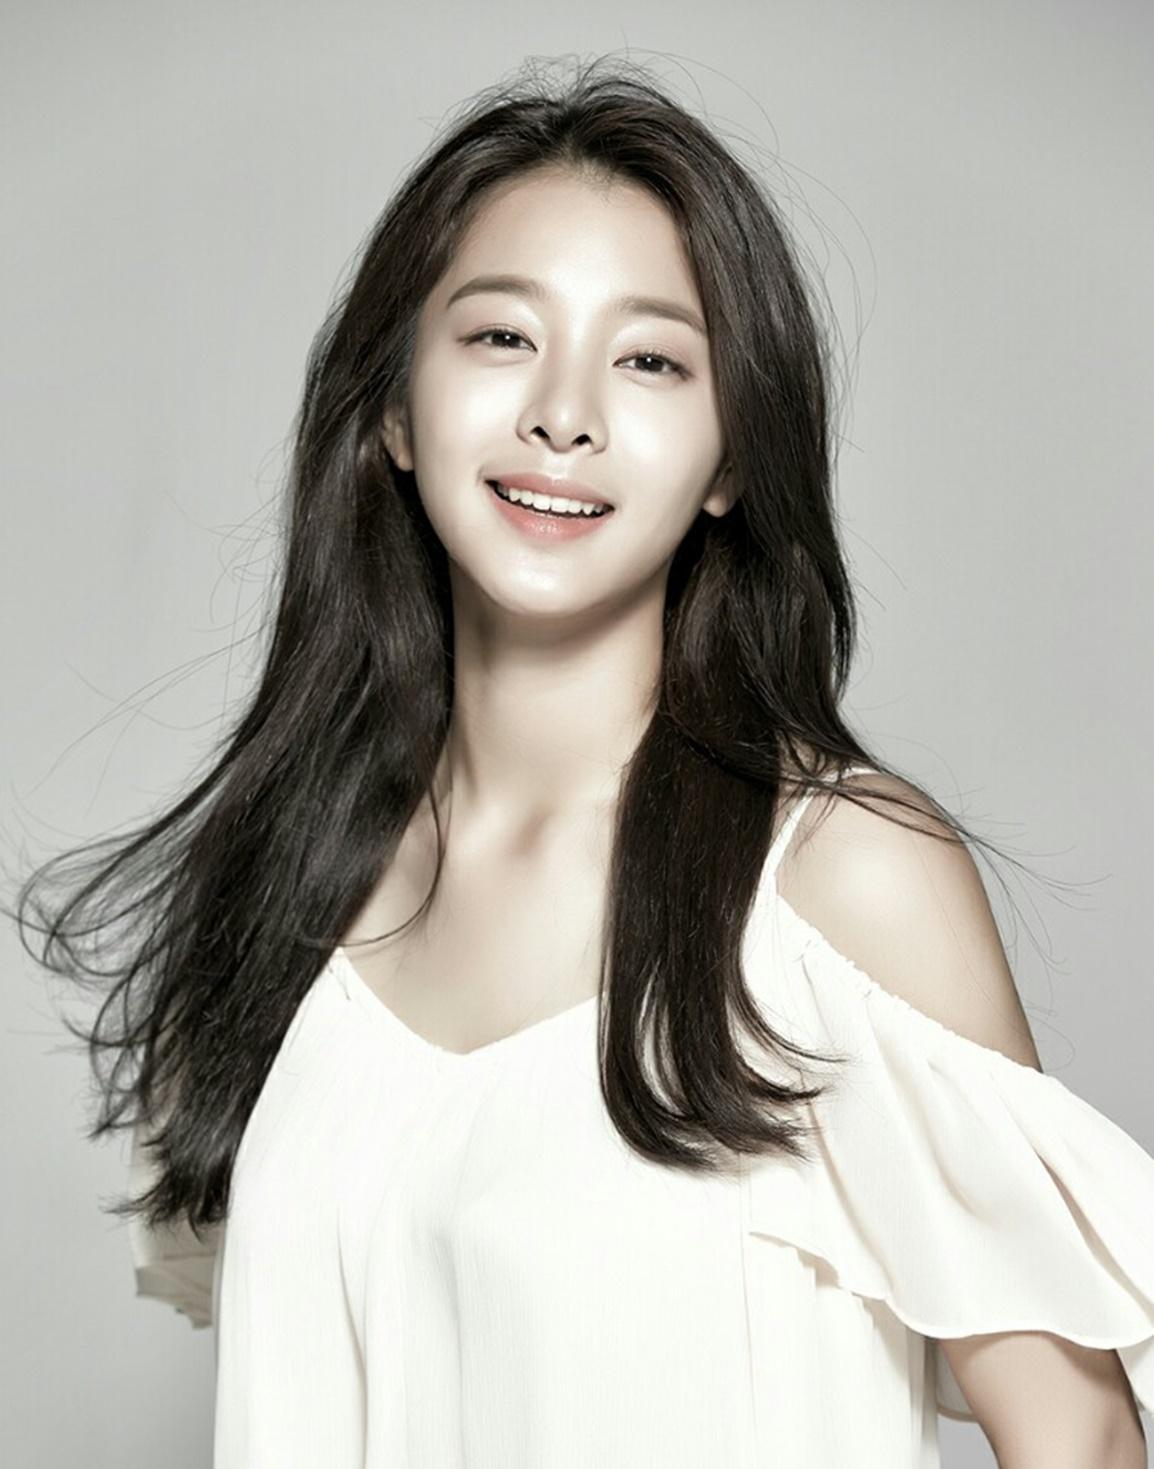 배우 설인아, '2018 드림콘서트' MC 발탁으로 '대세 행보'! 윤시윤과 호흡